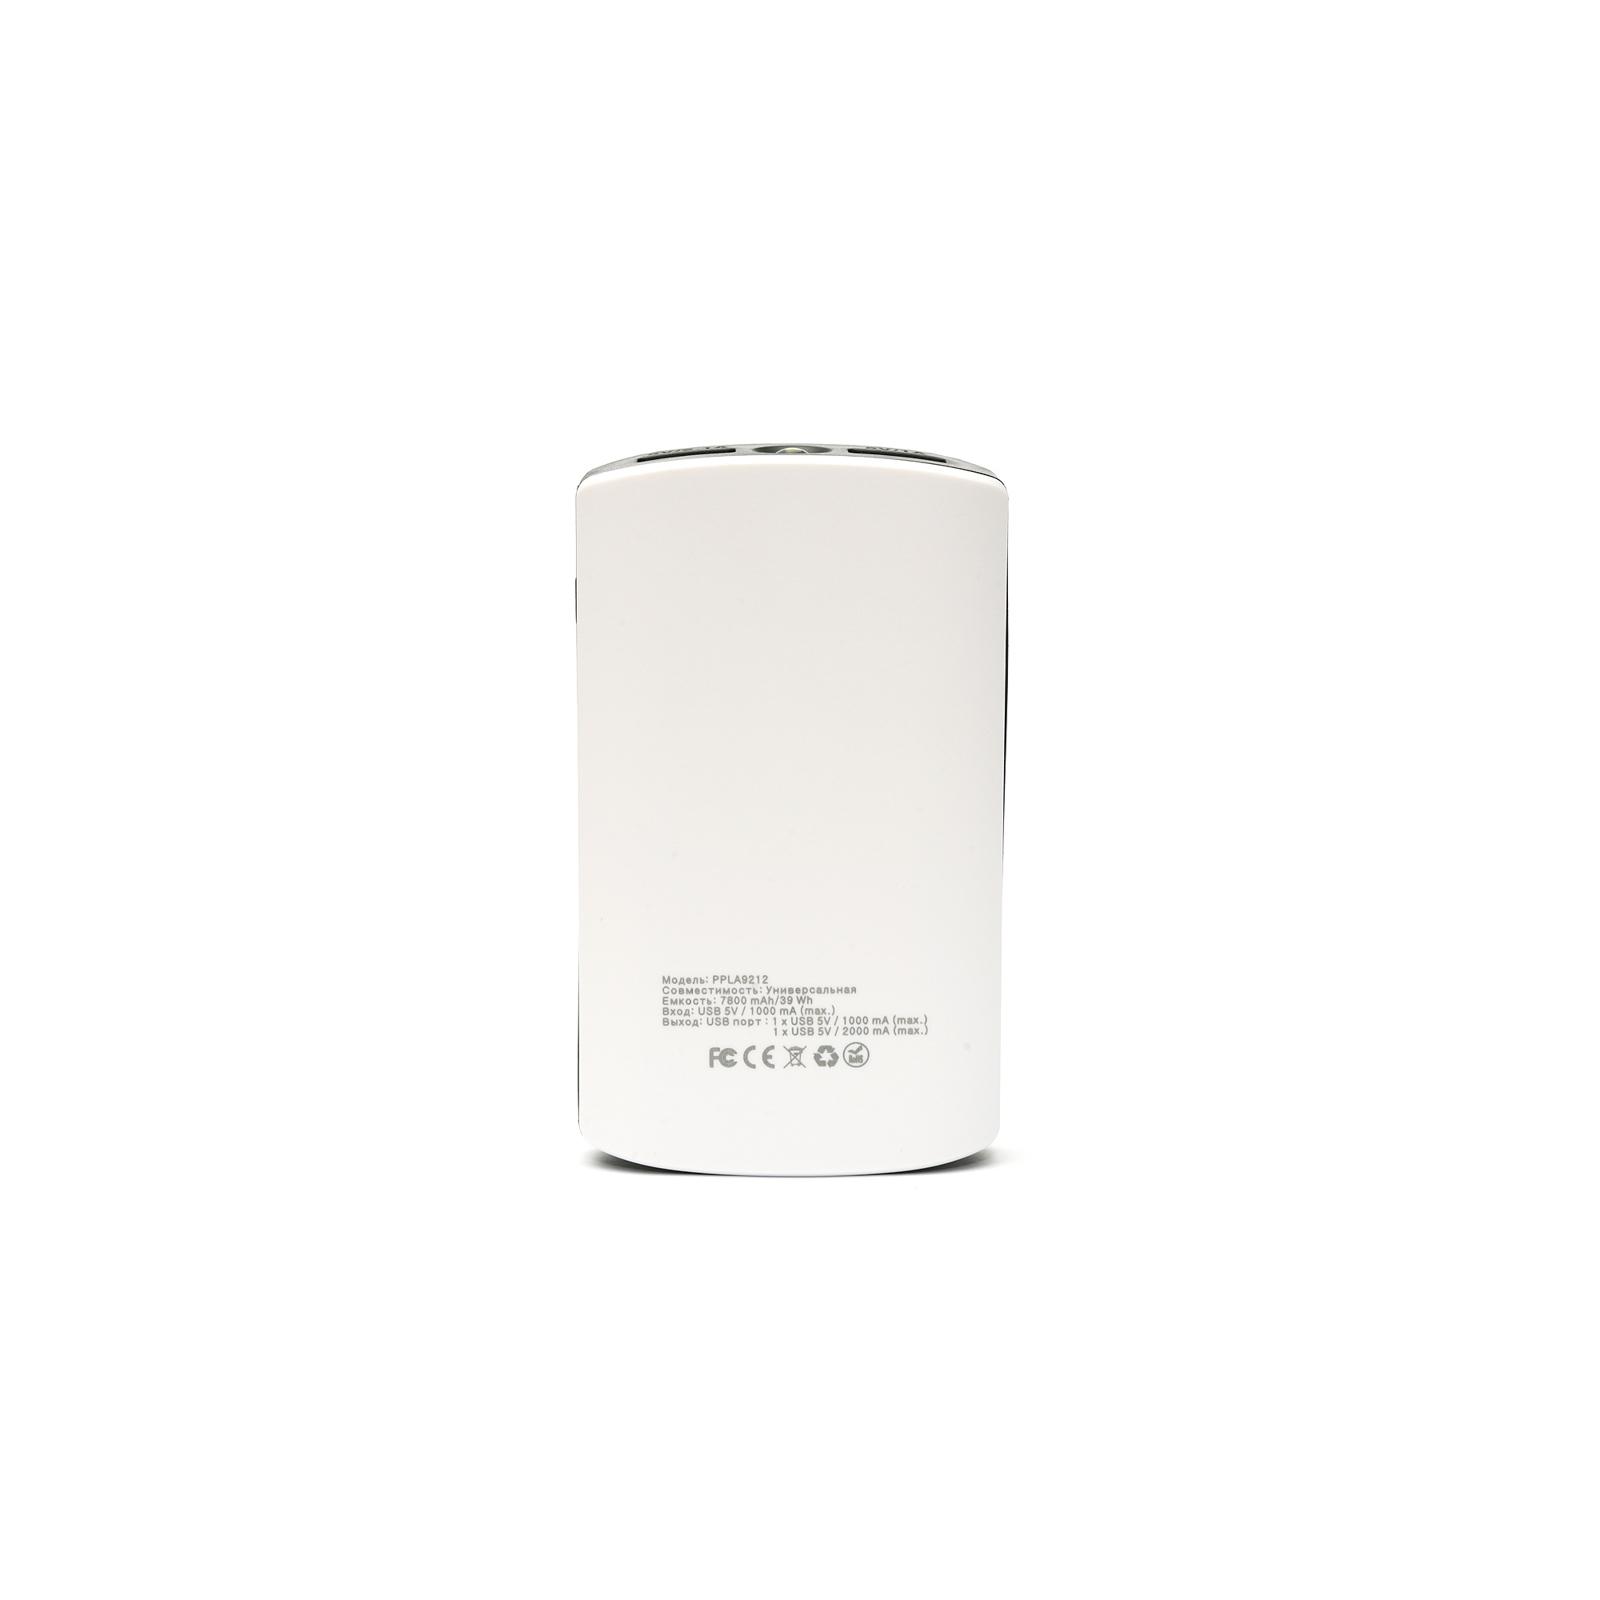 Батарея универсальная PowerPlant PB-LA9212 7800mAh 1*USB/1A, 1*USB/2A (PPLA9212) изображение 4